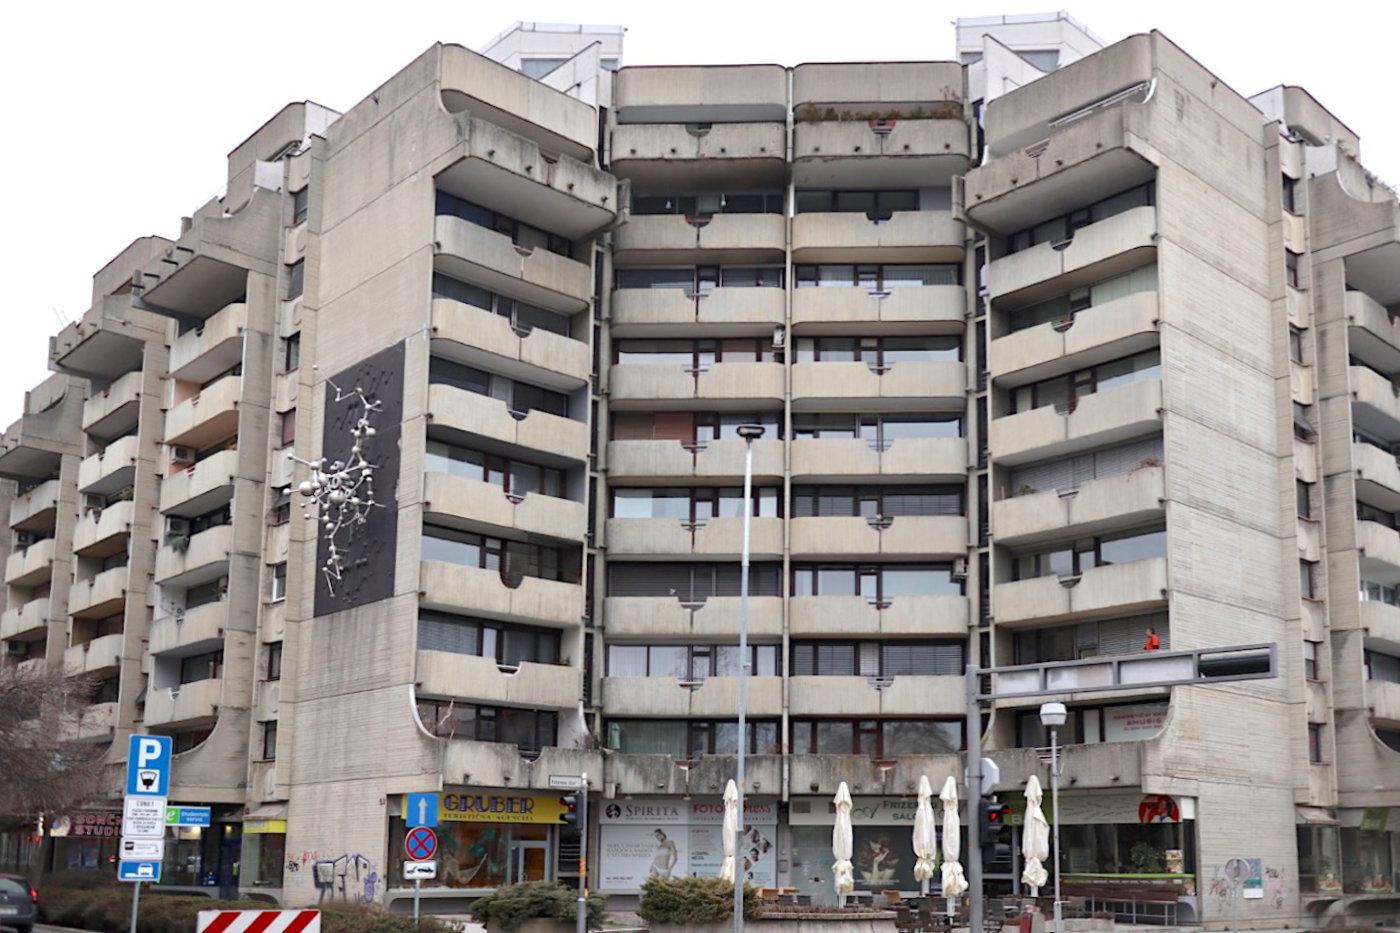 Jemčev Garten. von Borut Pečenko, Fertigstellung: 1975. Eins der prominentesten Brutalismusbauten der jugoslawischen Ära in Maribor und genau gegenüber des Wohnblock Gradišče platziert.